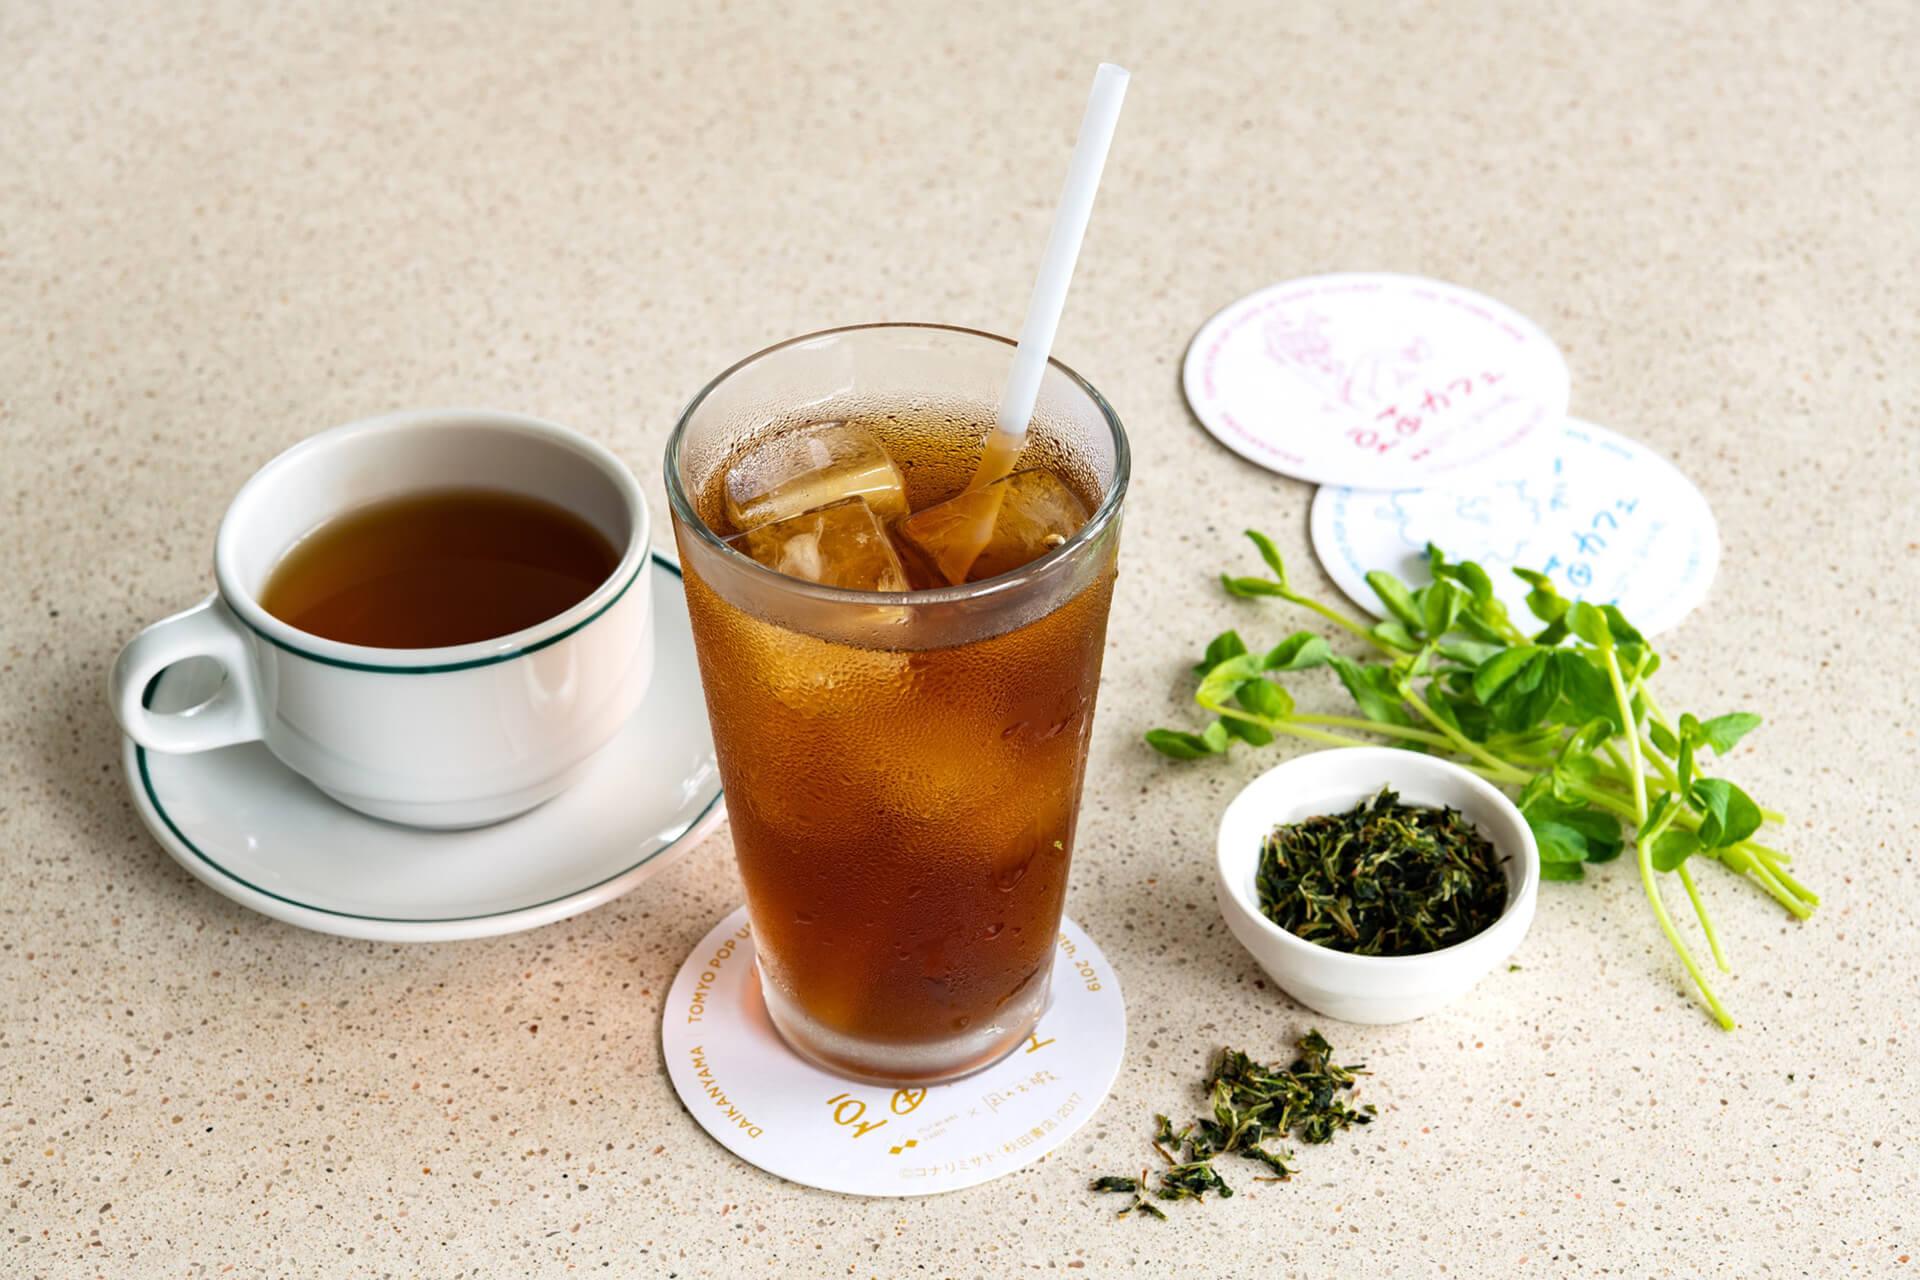 この写真は「豆苗カフェ」で販売する、豆苗茶 です